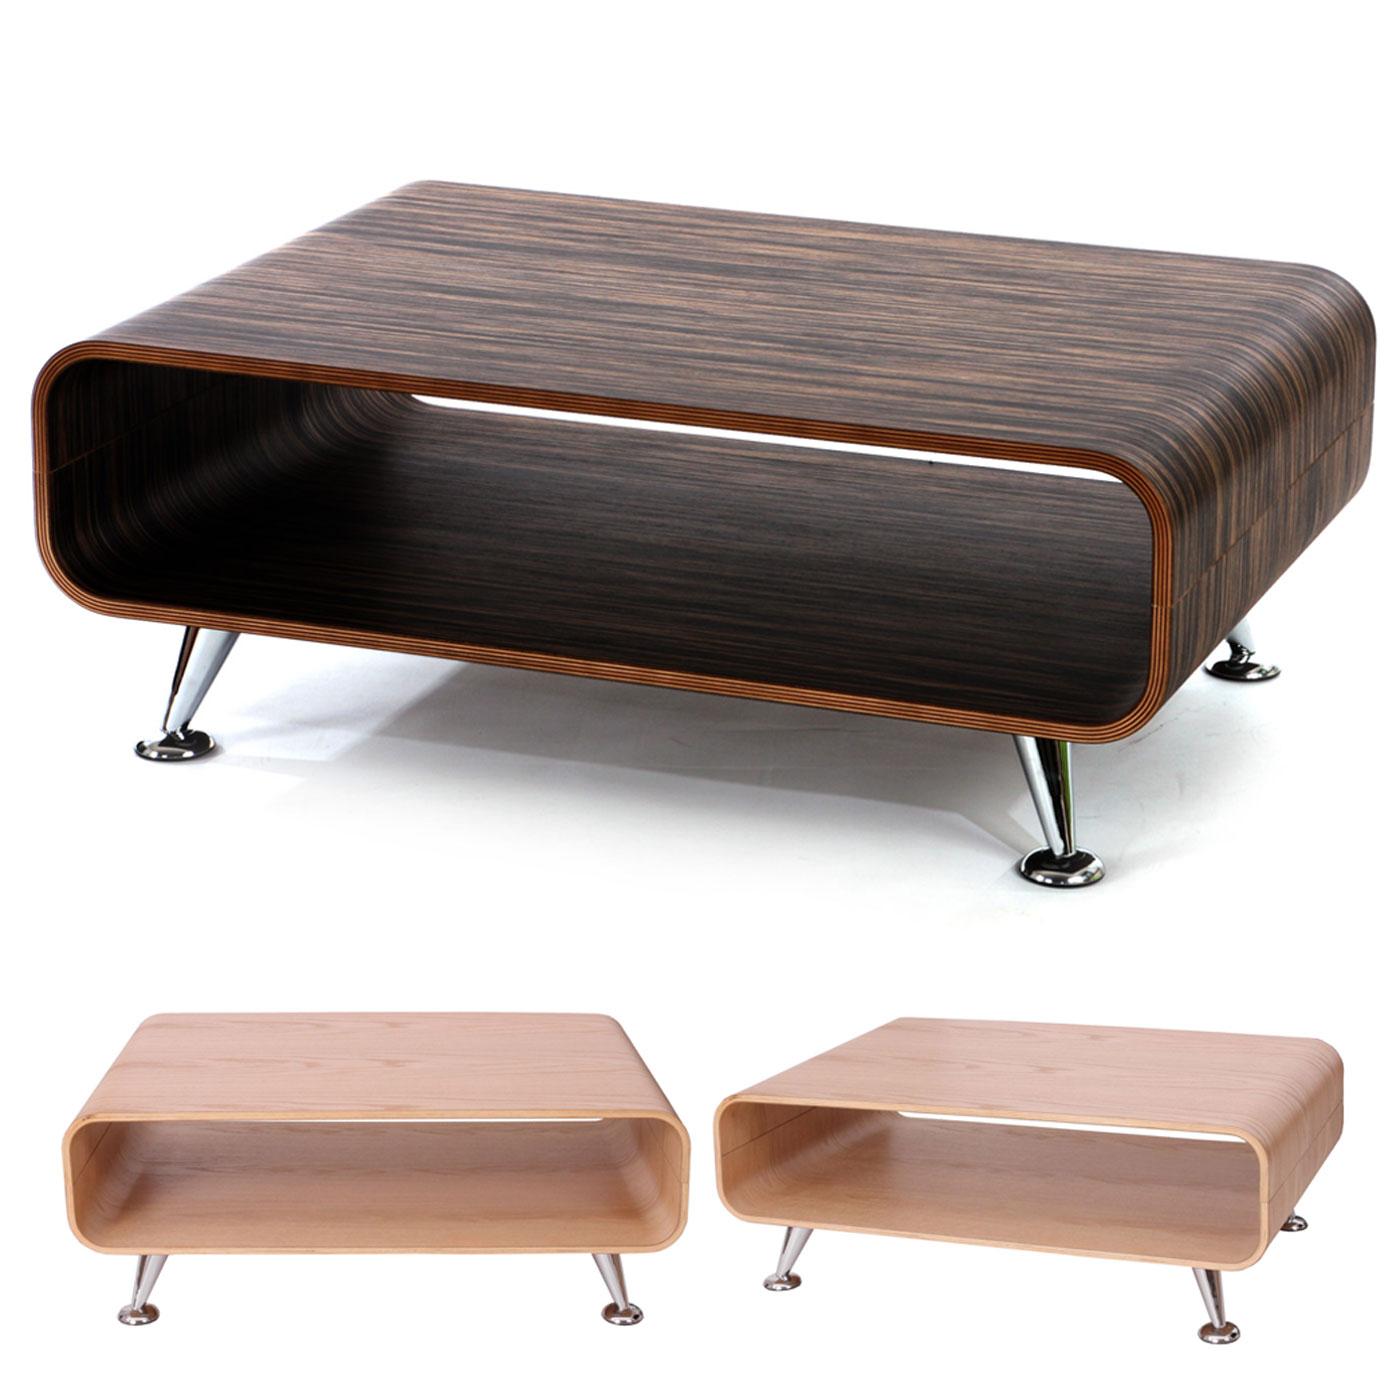 couchtisch h he 60 cm machen sie den preisvergleich bei nextag. Black Bedroom Furniture Sets. Home Design Ideas